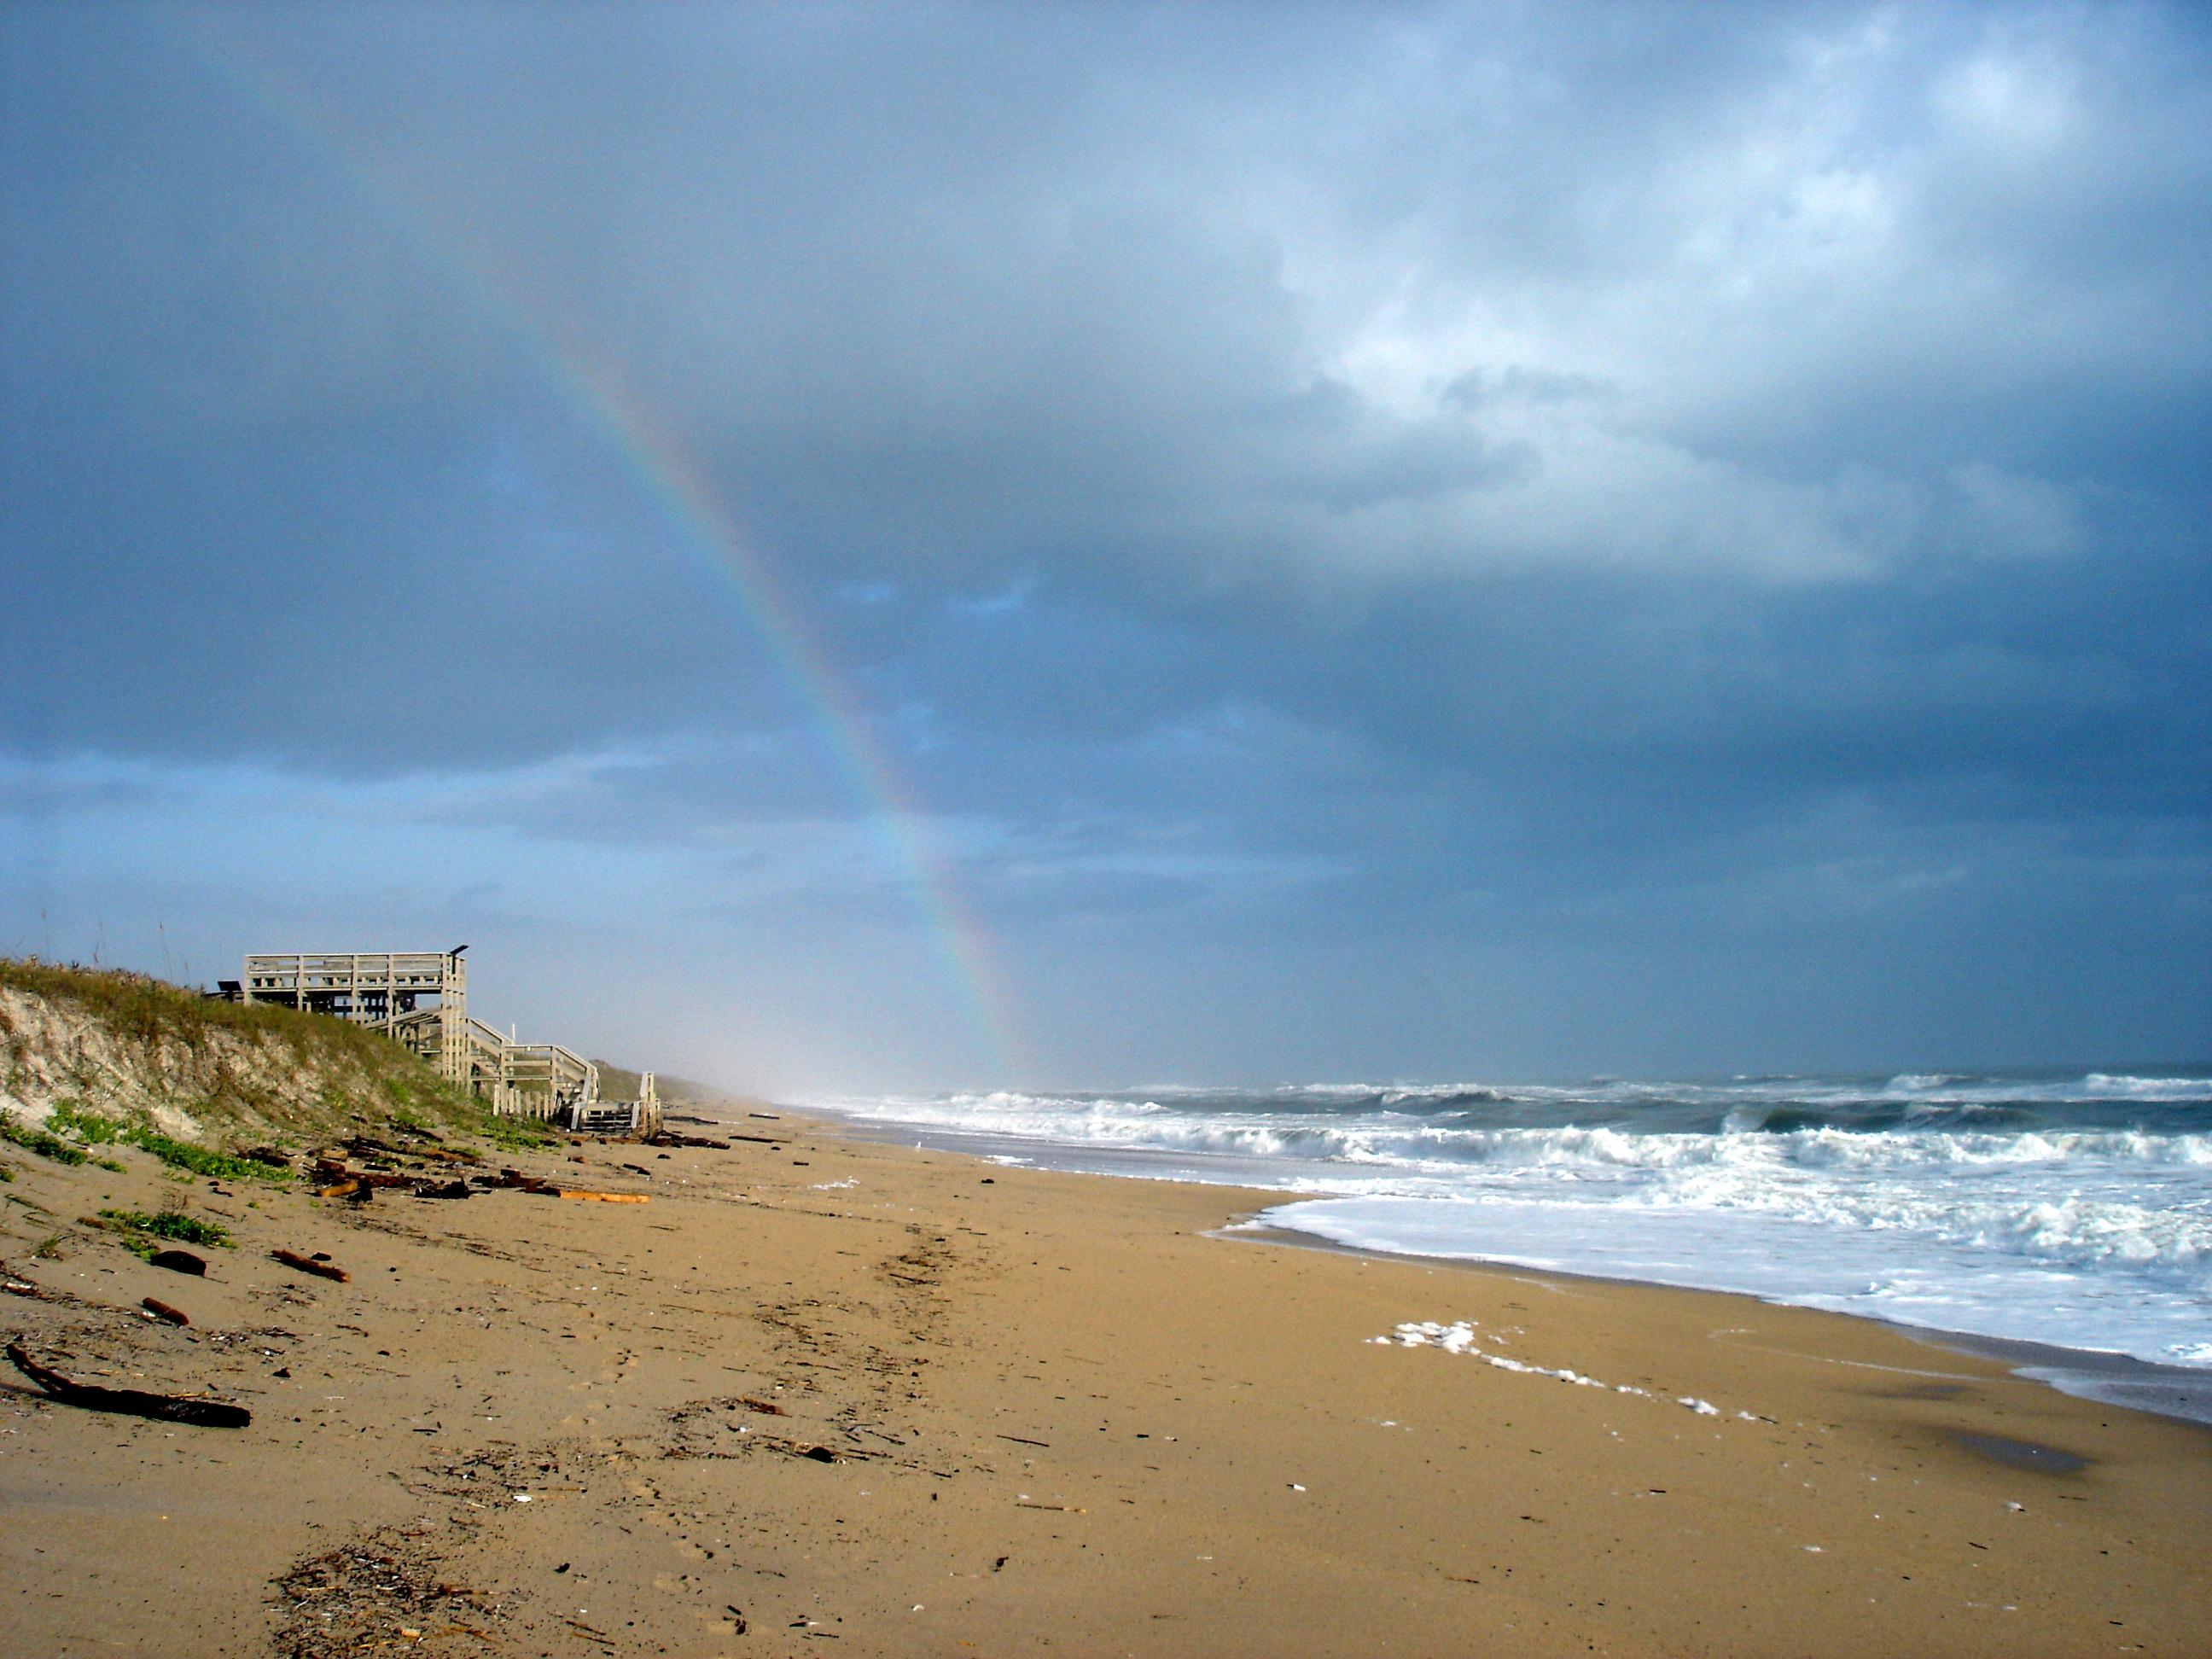 Seashore Pictures